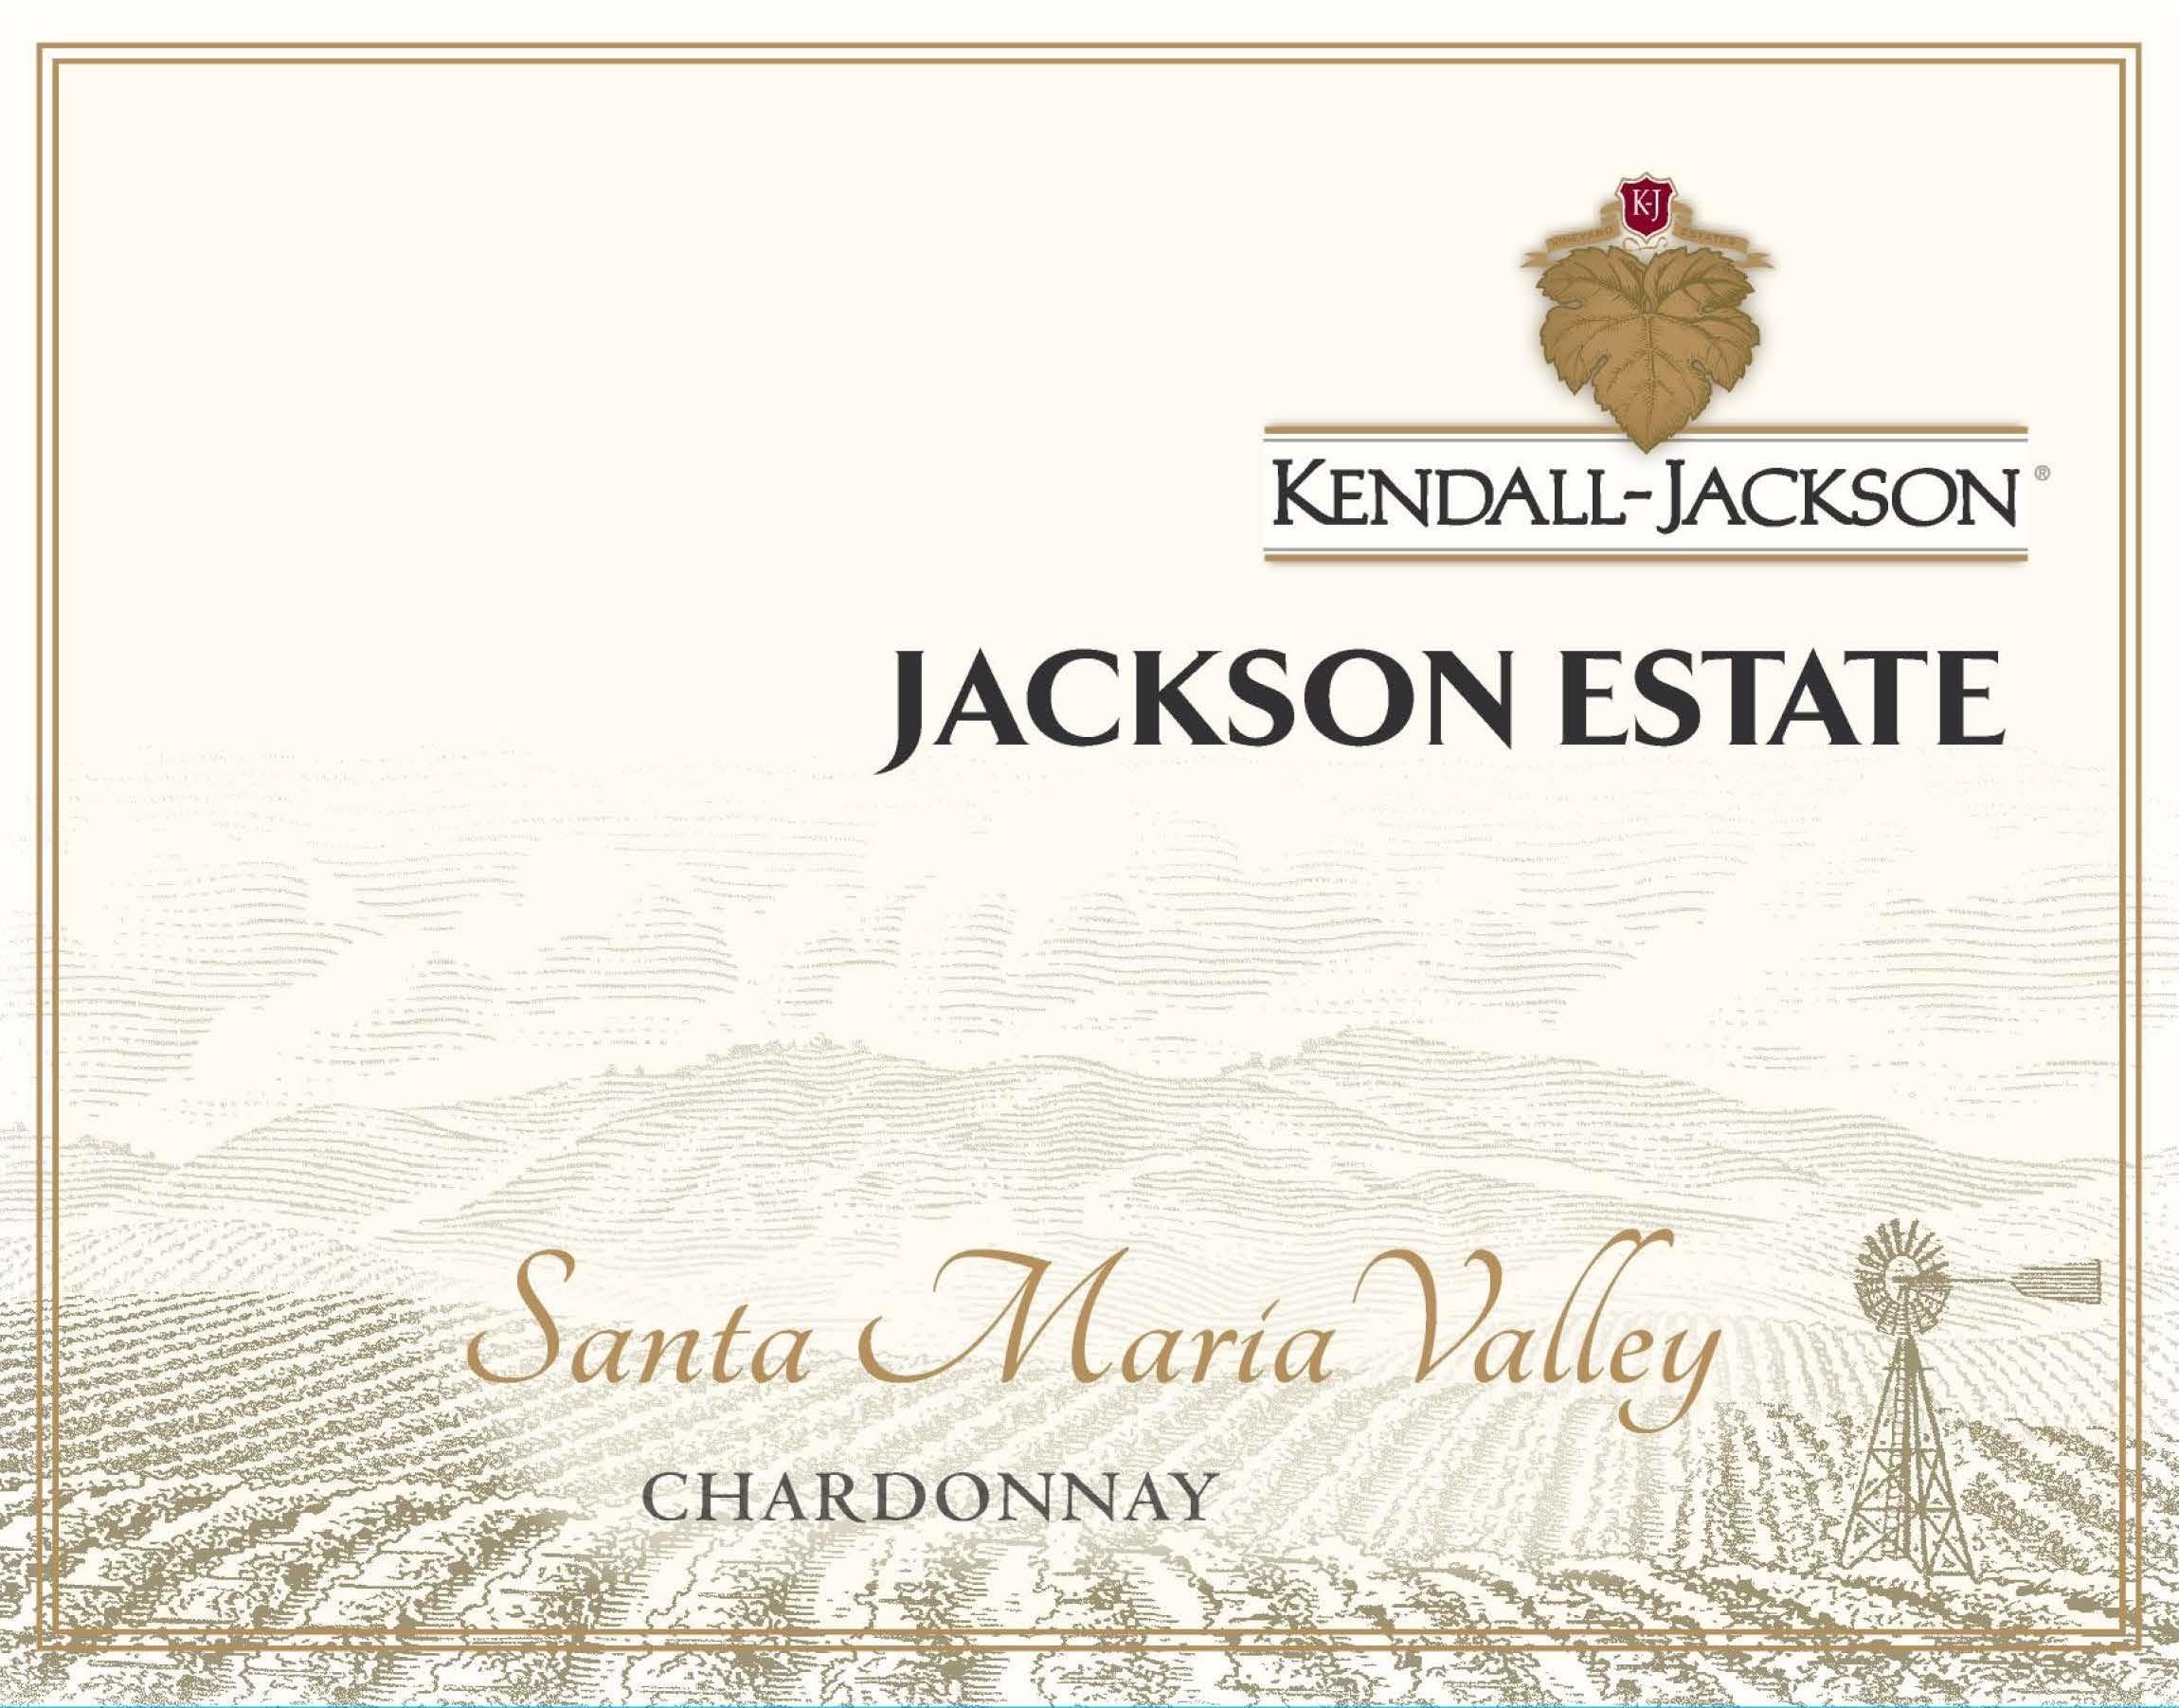 Kendall-Jackson Jackson Estate Santa Maria Valley Chardonnay 2018